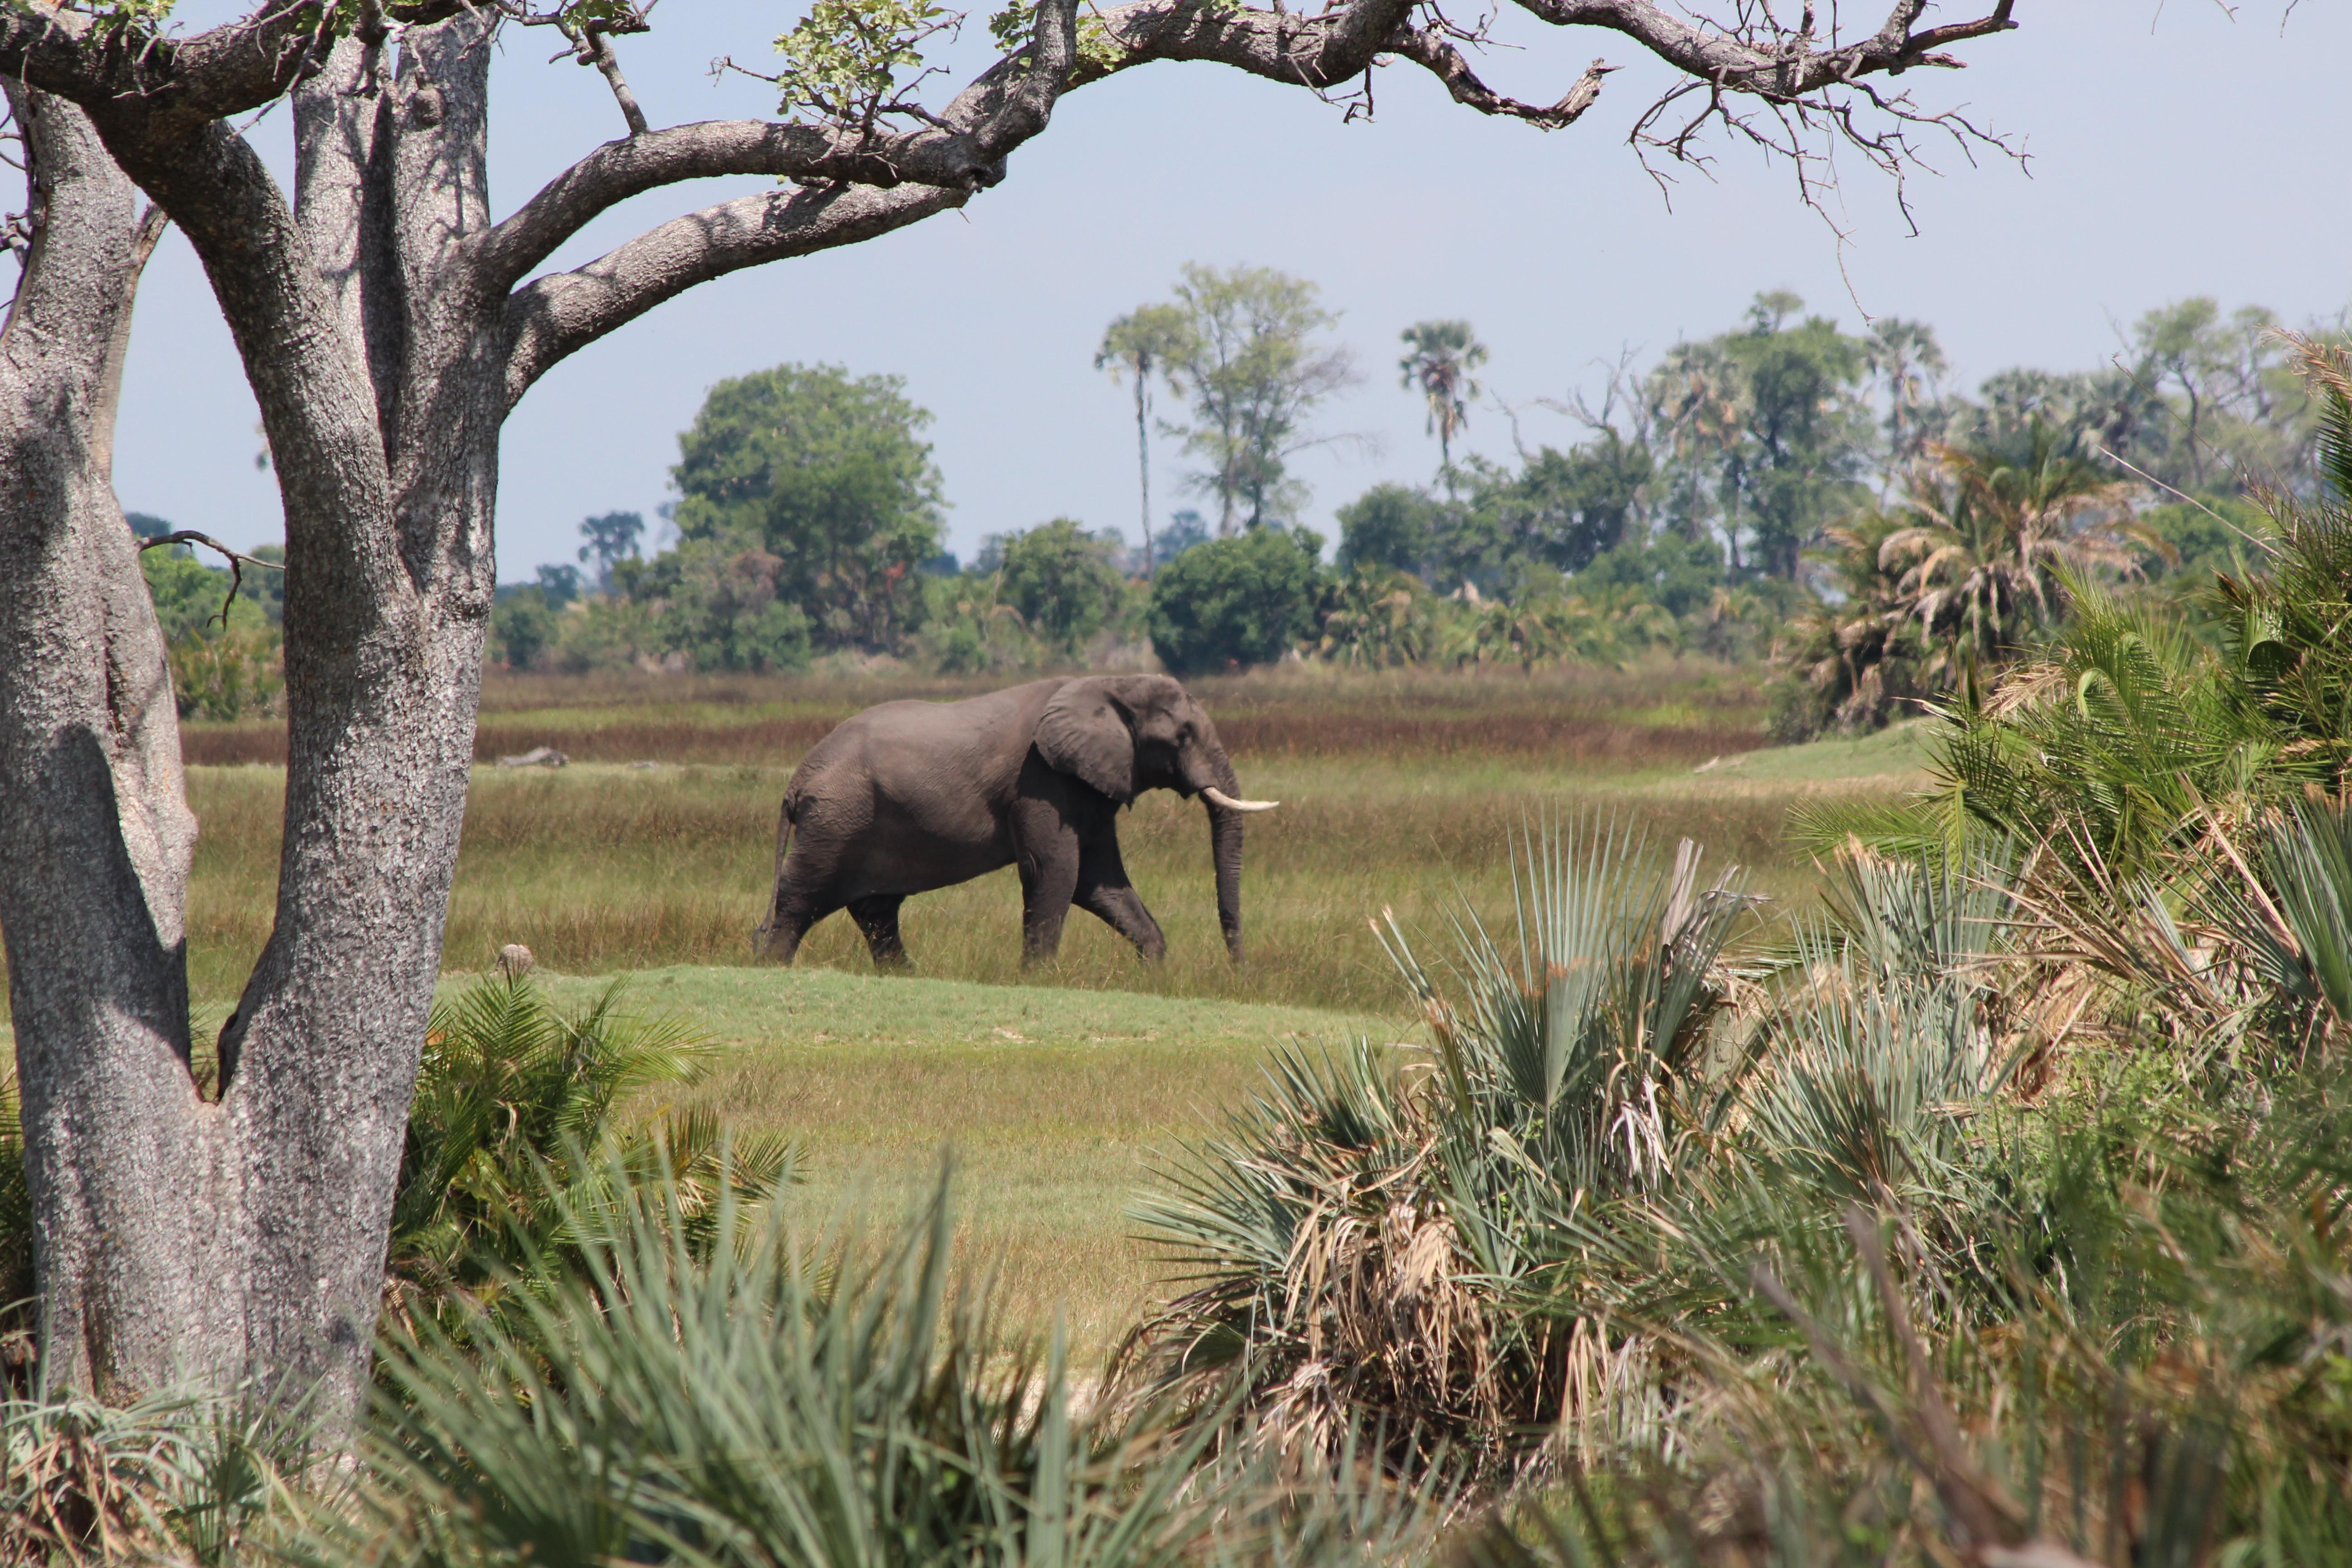 Elephant bull, Botswana (Xigera)